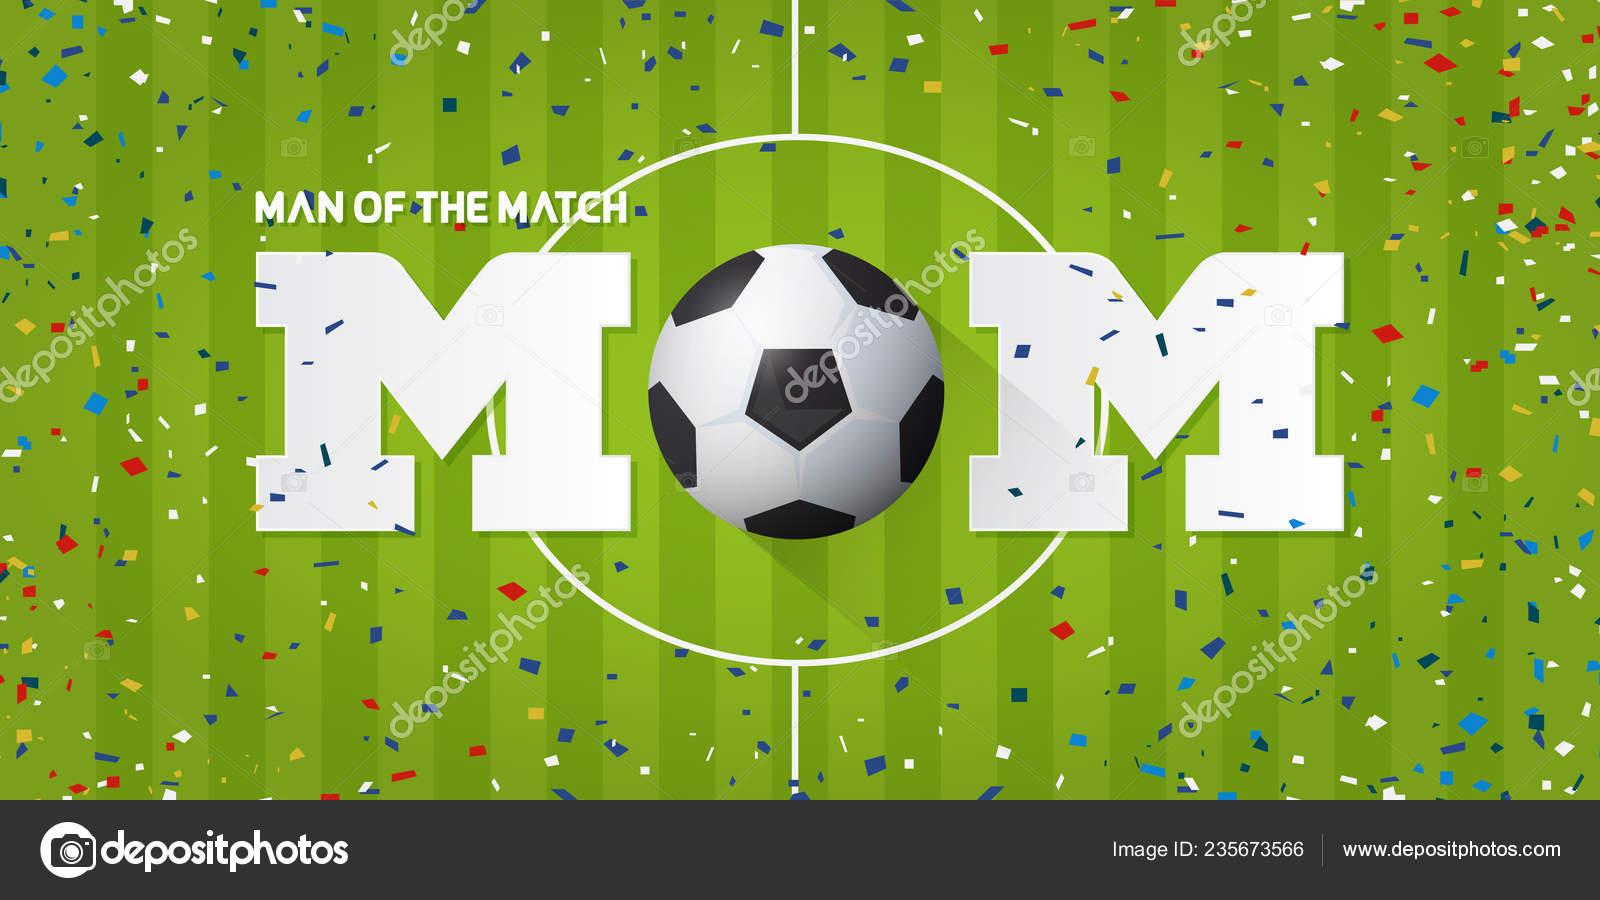 Hombre de la bandera del partido con confeti de bola y el papel de fútbol  sobre fondo de campo de fútbol. Diseño de plantilla en fútbol o fútbol  concepto de ... aa293044f278b